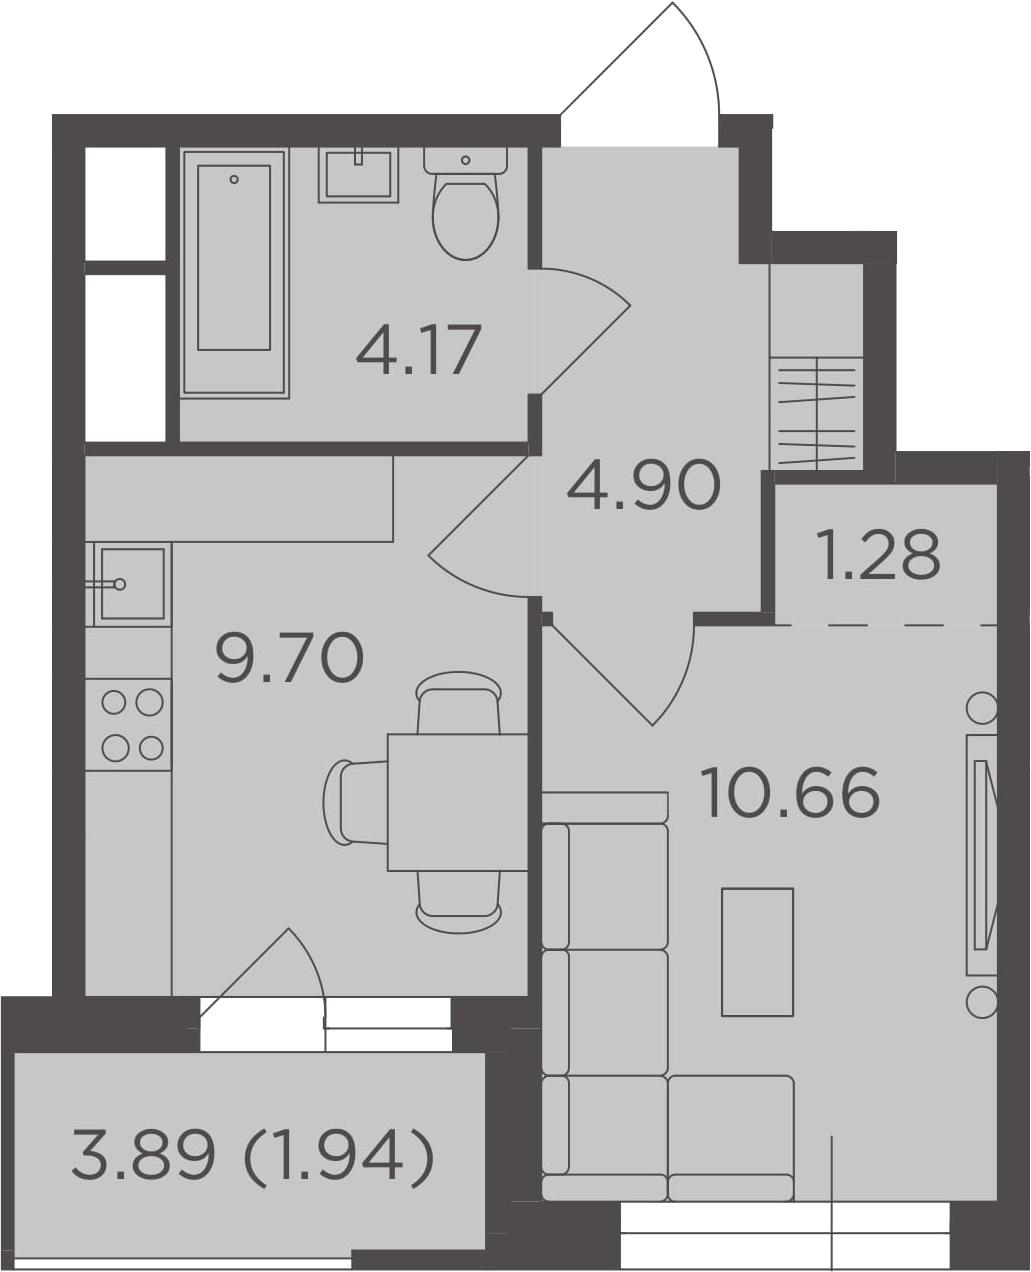 1-комнатная квартира, 32.65 м², 16 этаж – Планировка